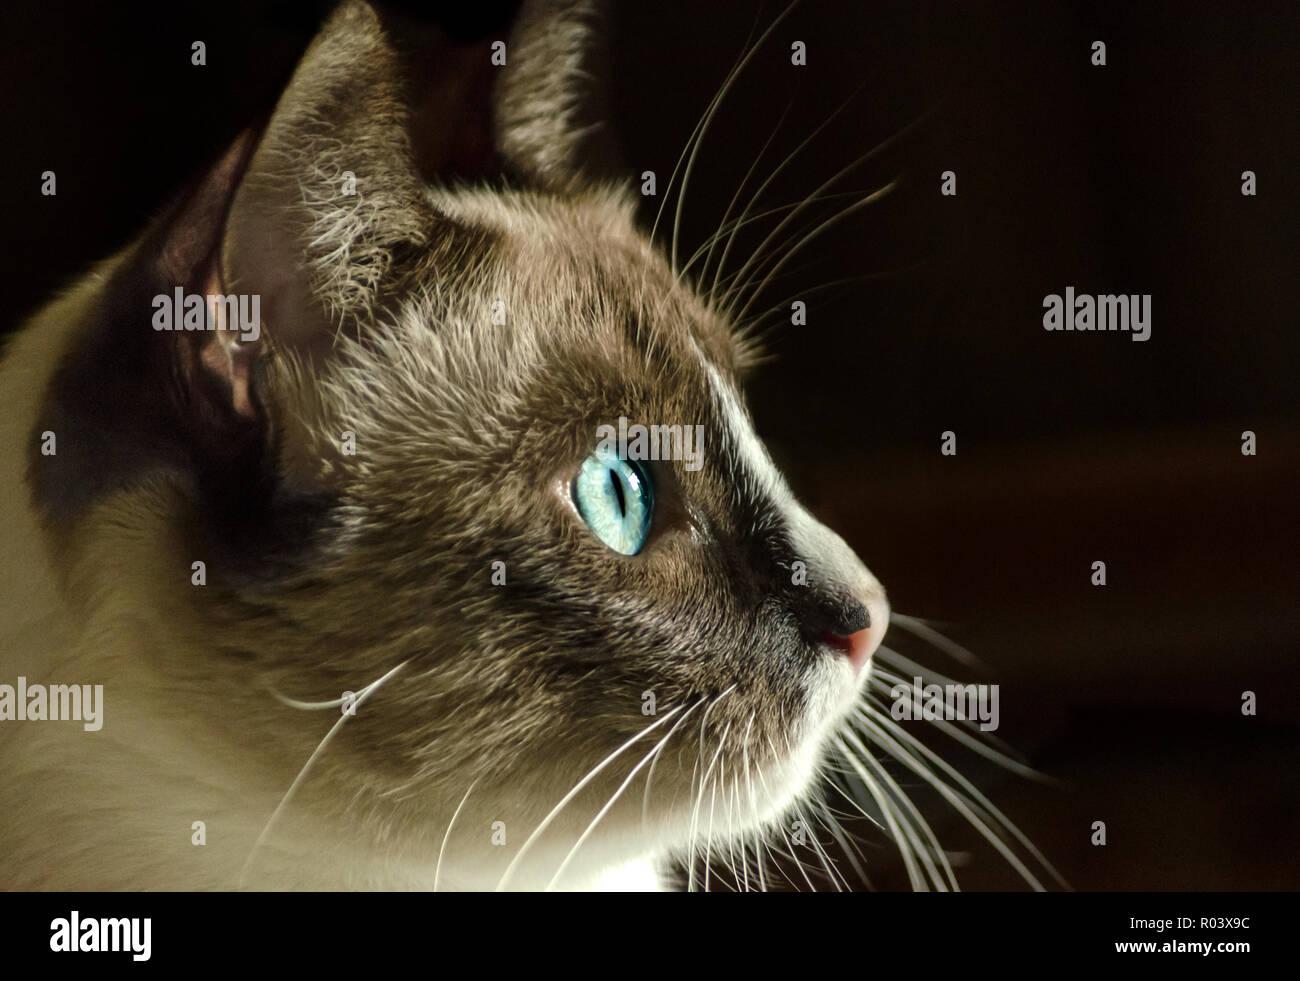 Berühmt Twinkie, eine Siam kitten, starrt aus dem Fenster in Coden YZ79